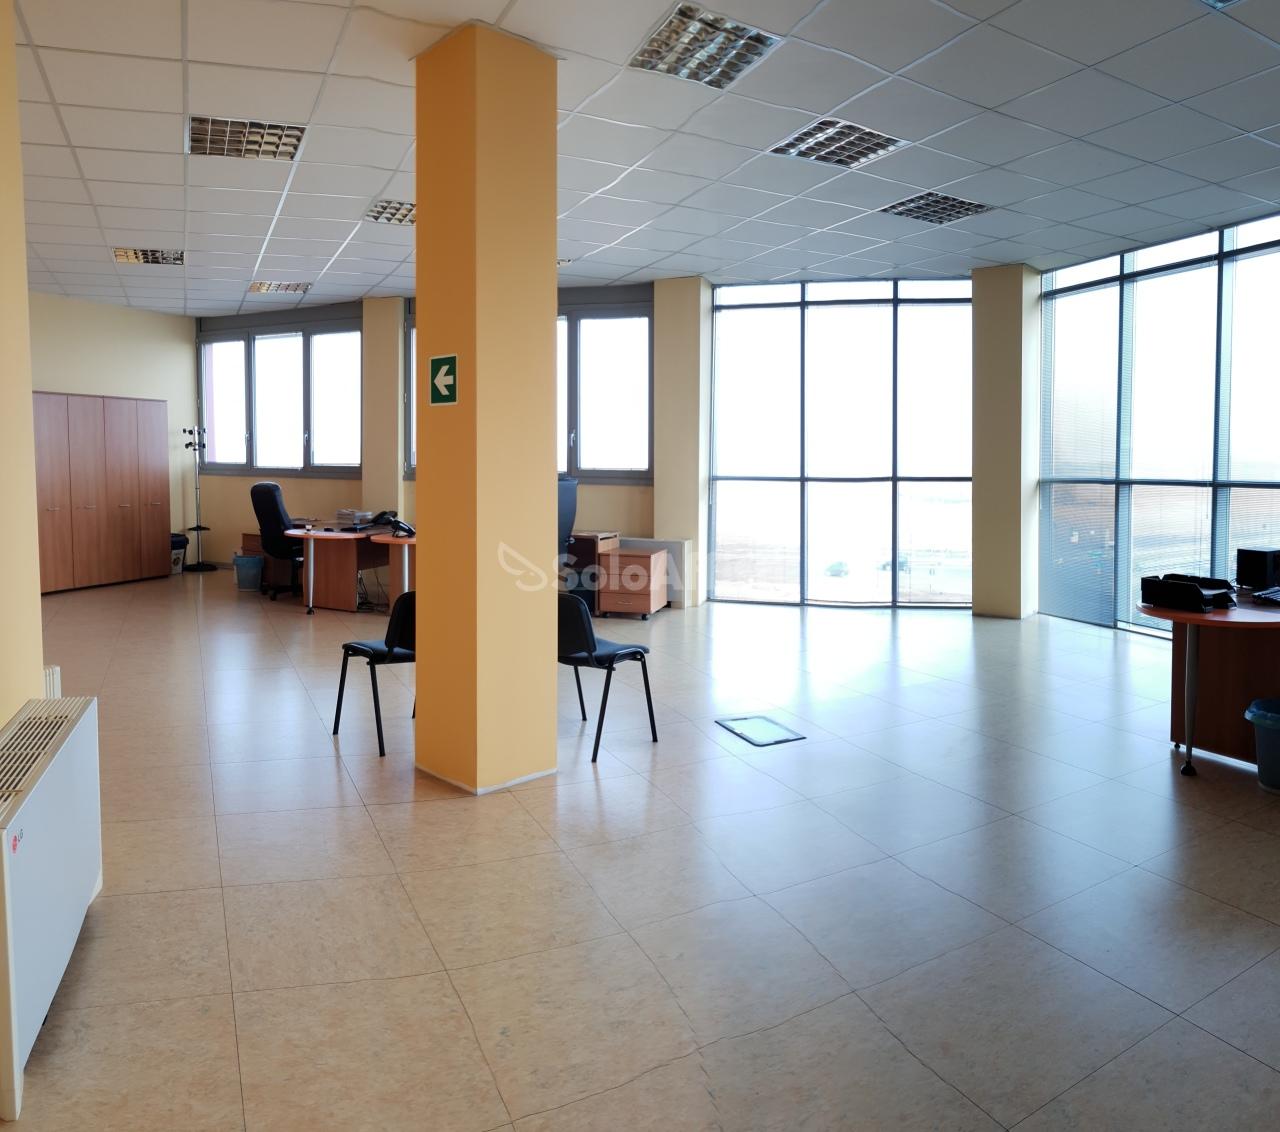 Ufficio - oltre 4 locali a vicinanze campo volo, Collegno Rif. 9253871